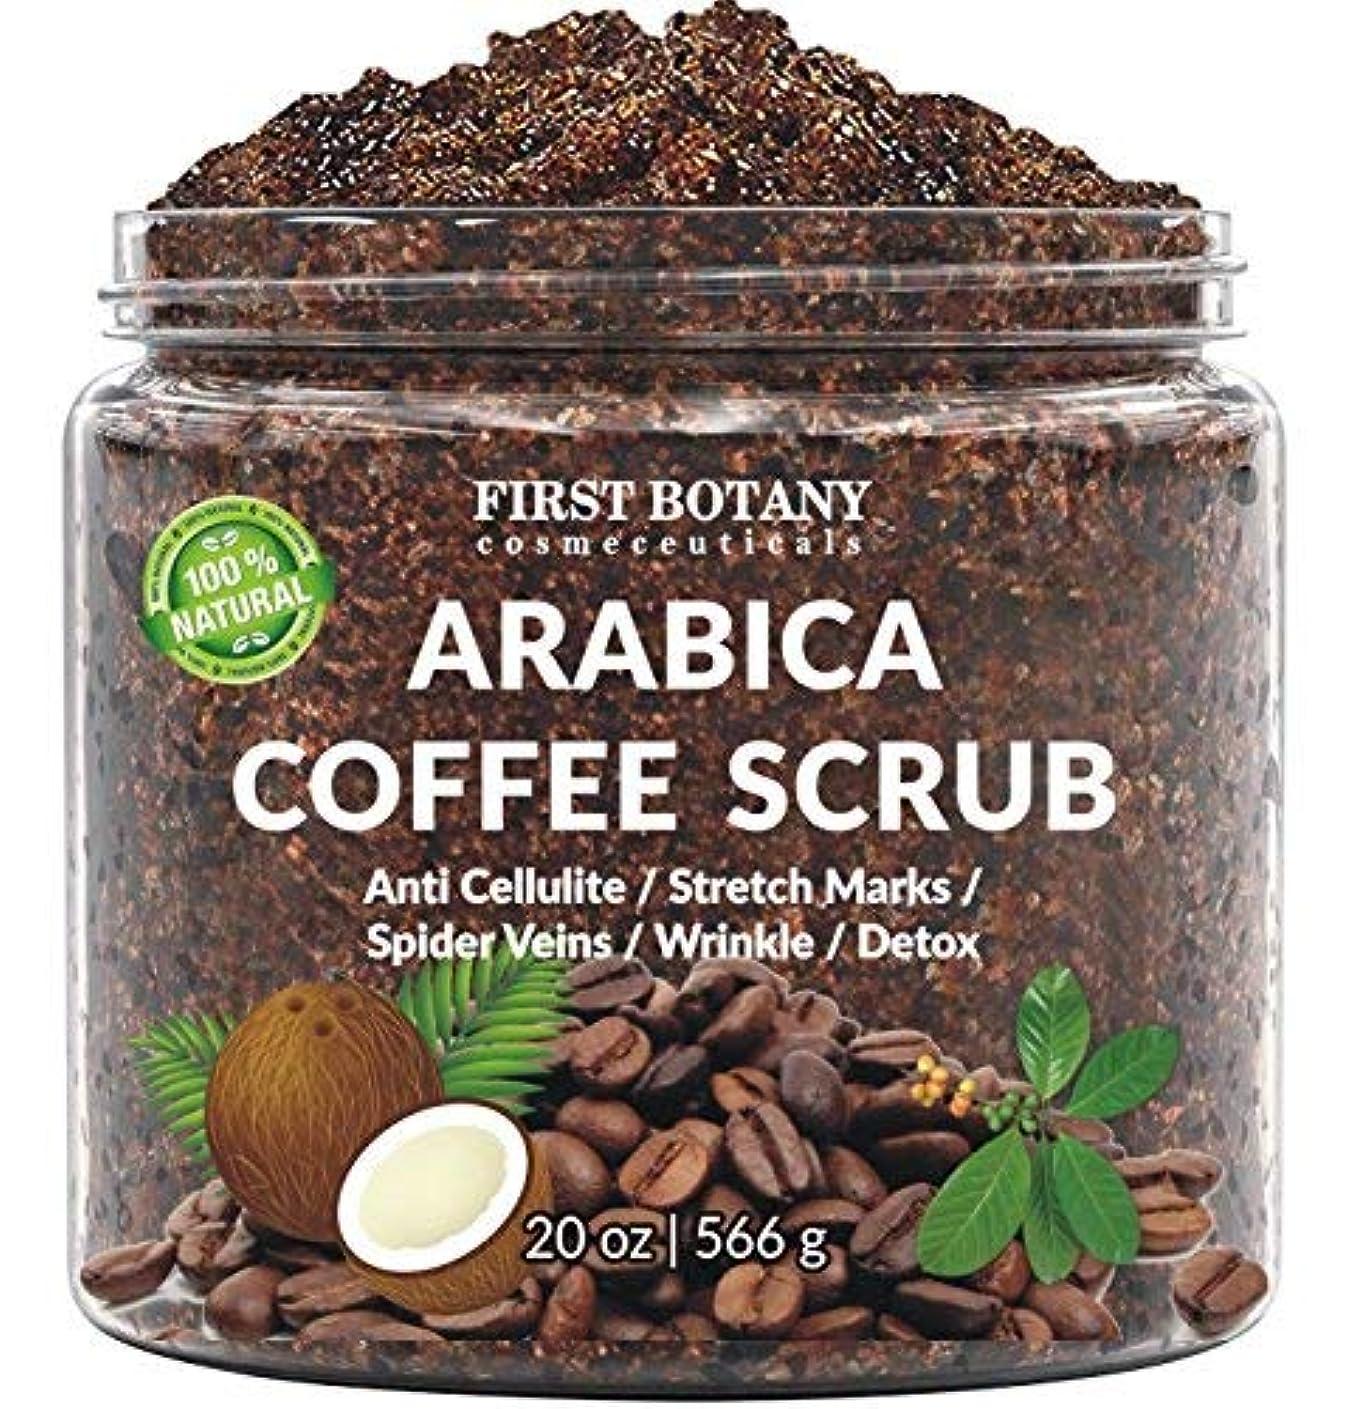 マントルしつけソロ100% ナチュラル アラビカ コーヒースクラブ with 有機コーヒー、ココナッツ、シアバター | ボディースクラブクリーム [海外直送品] (566グラム)